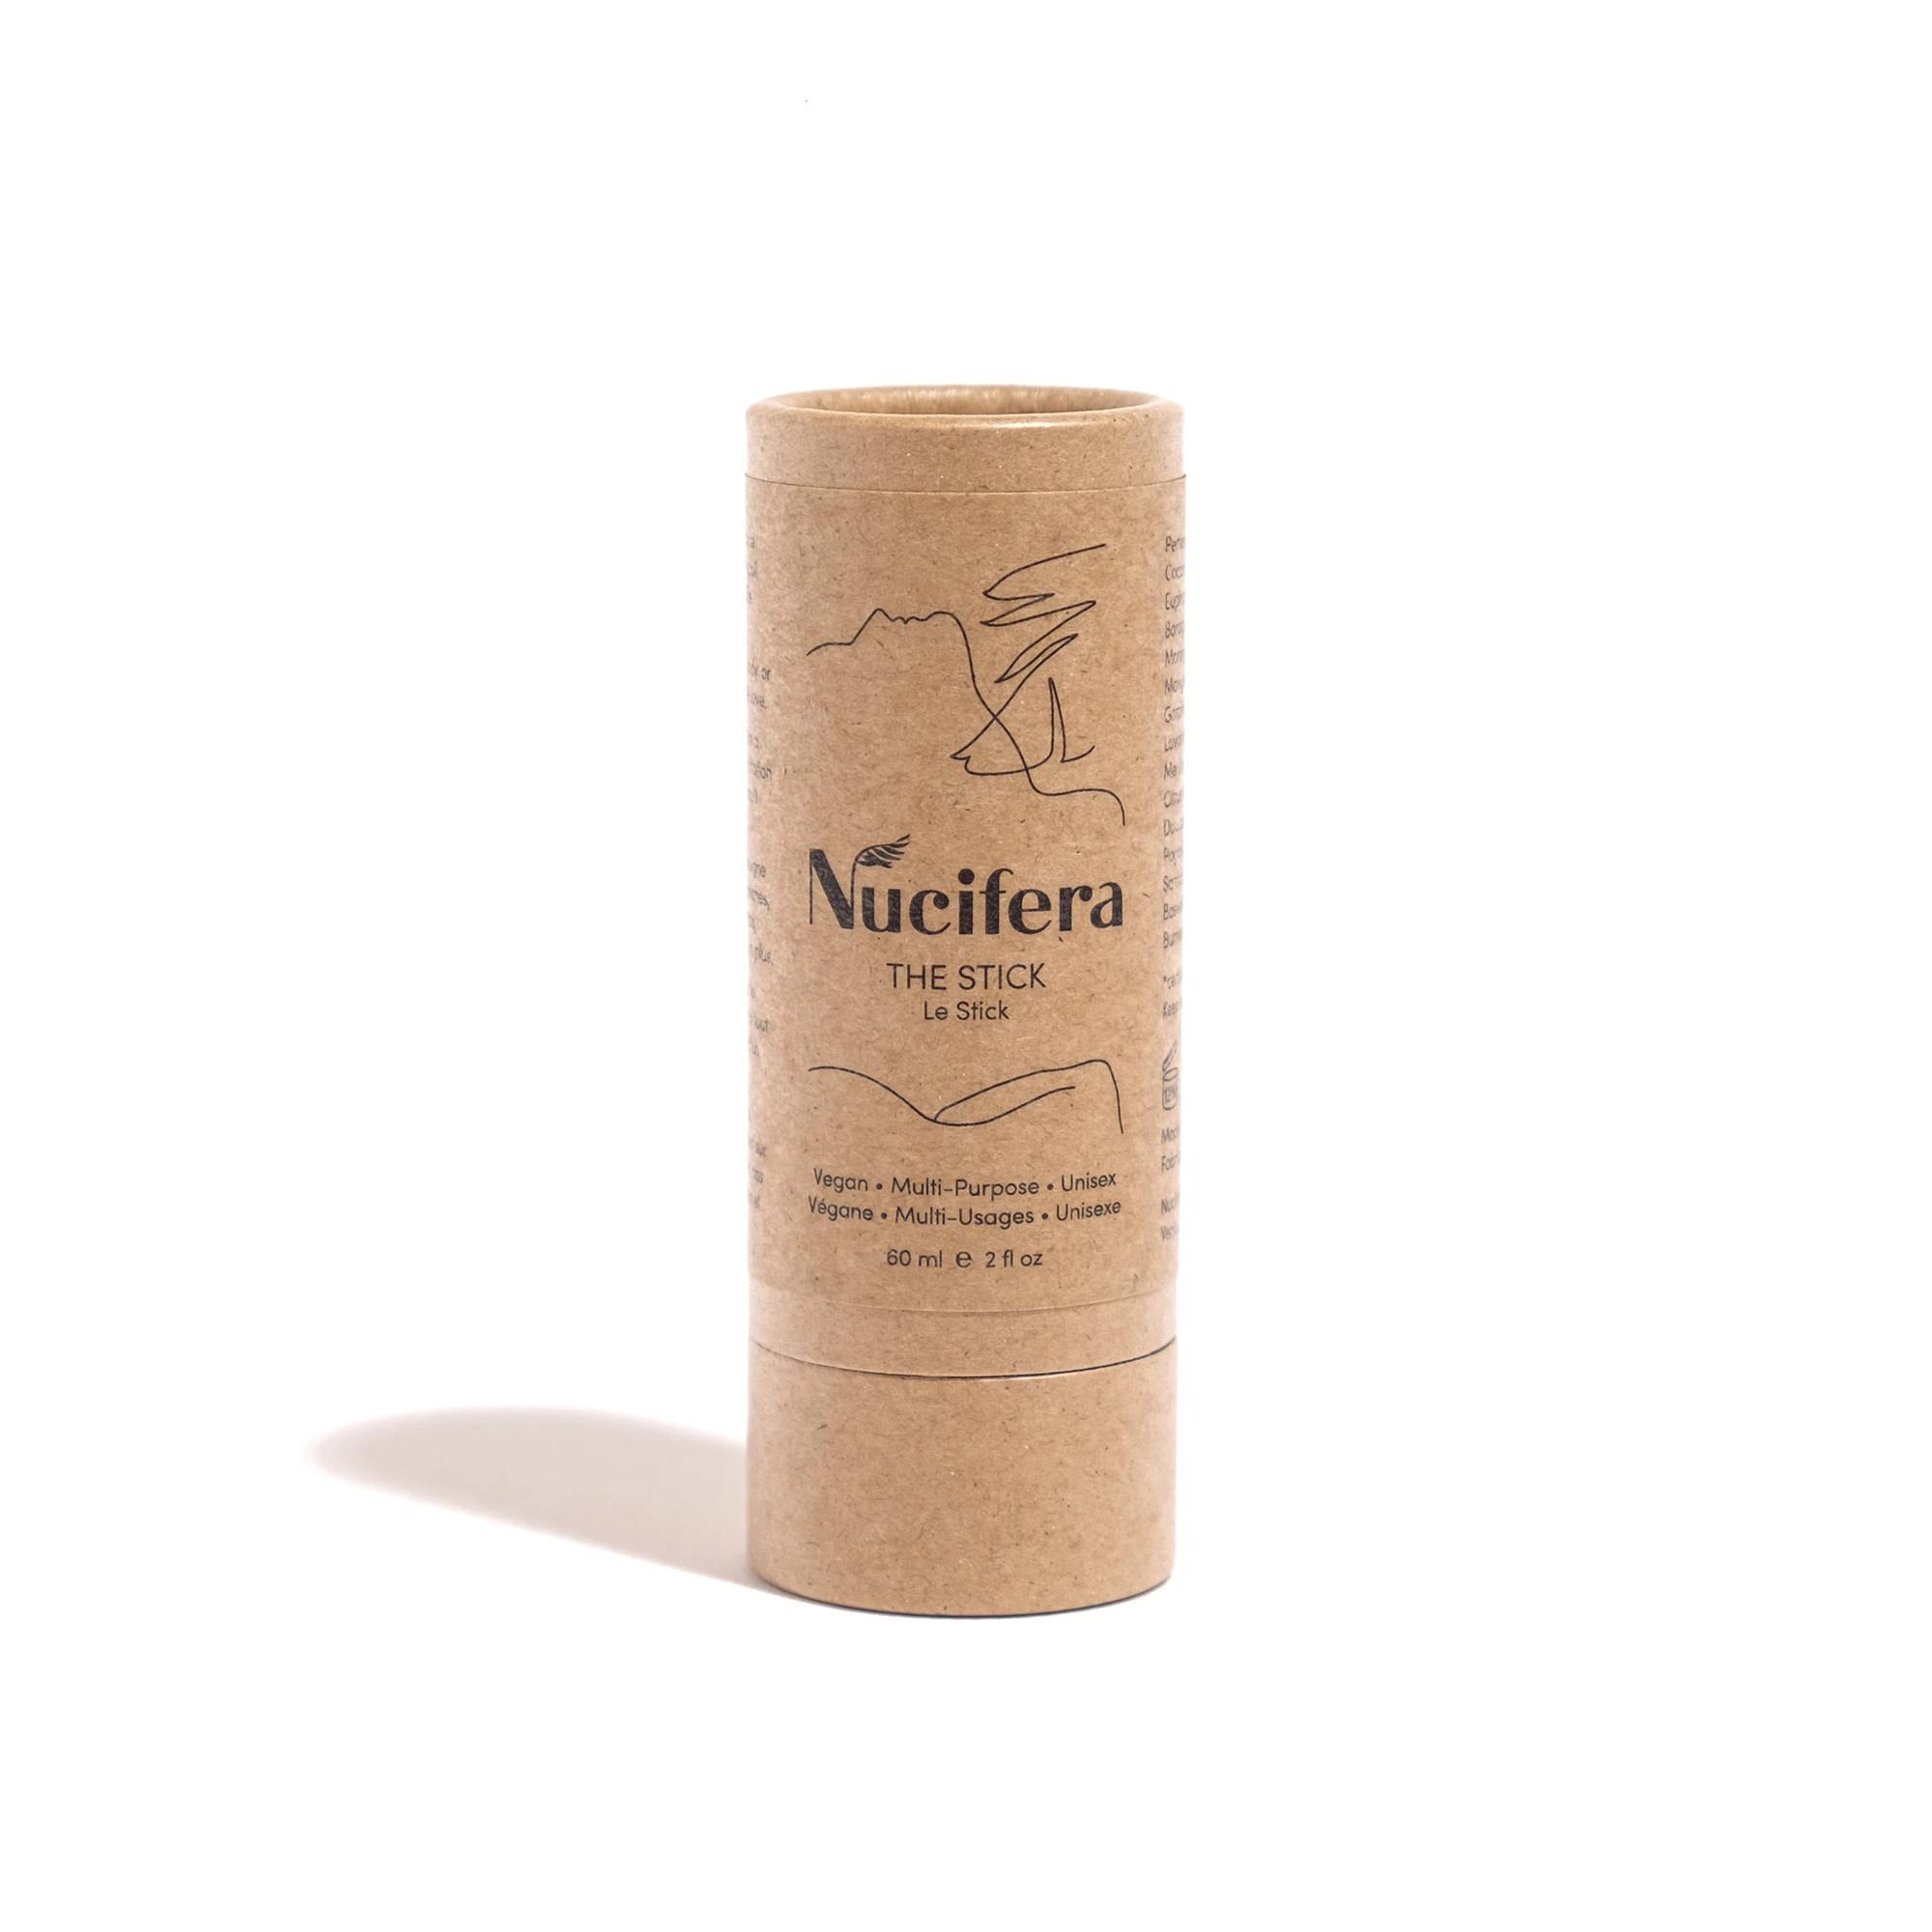 Nucifera - NU The Stick